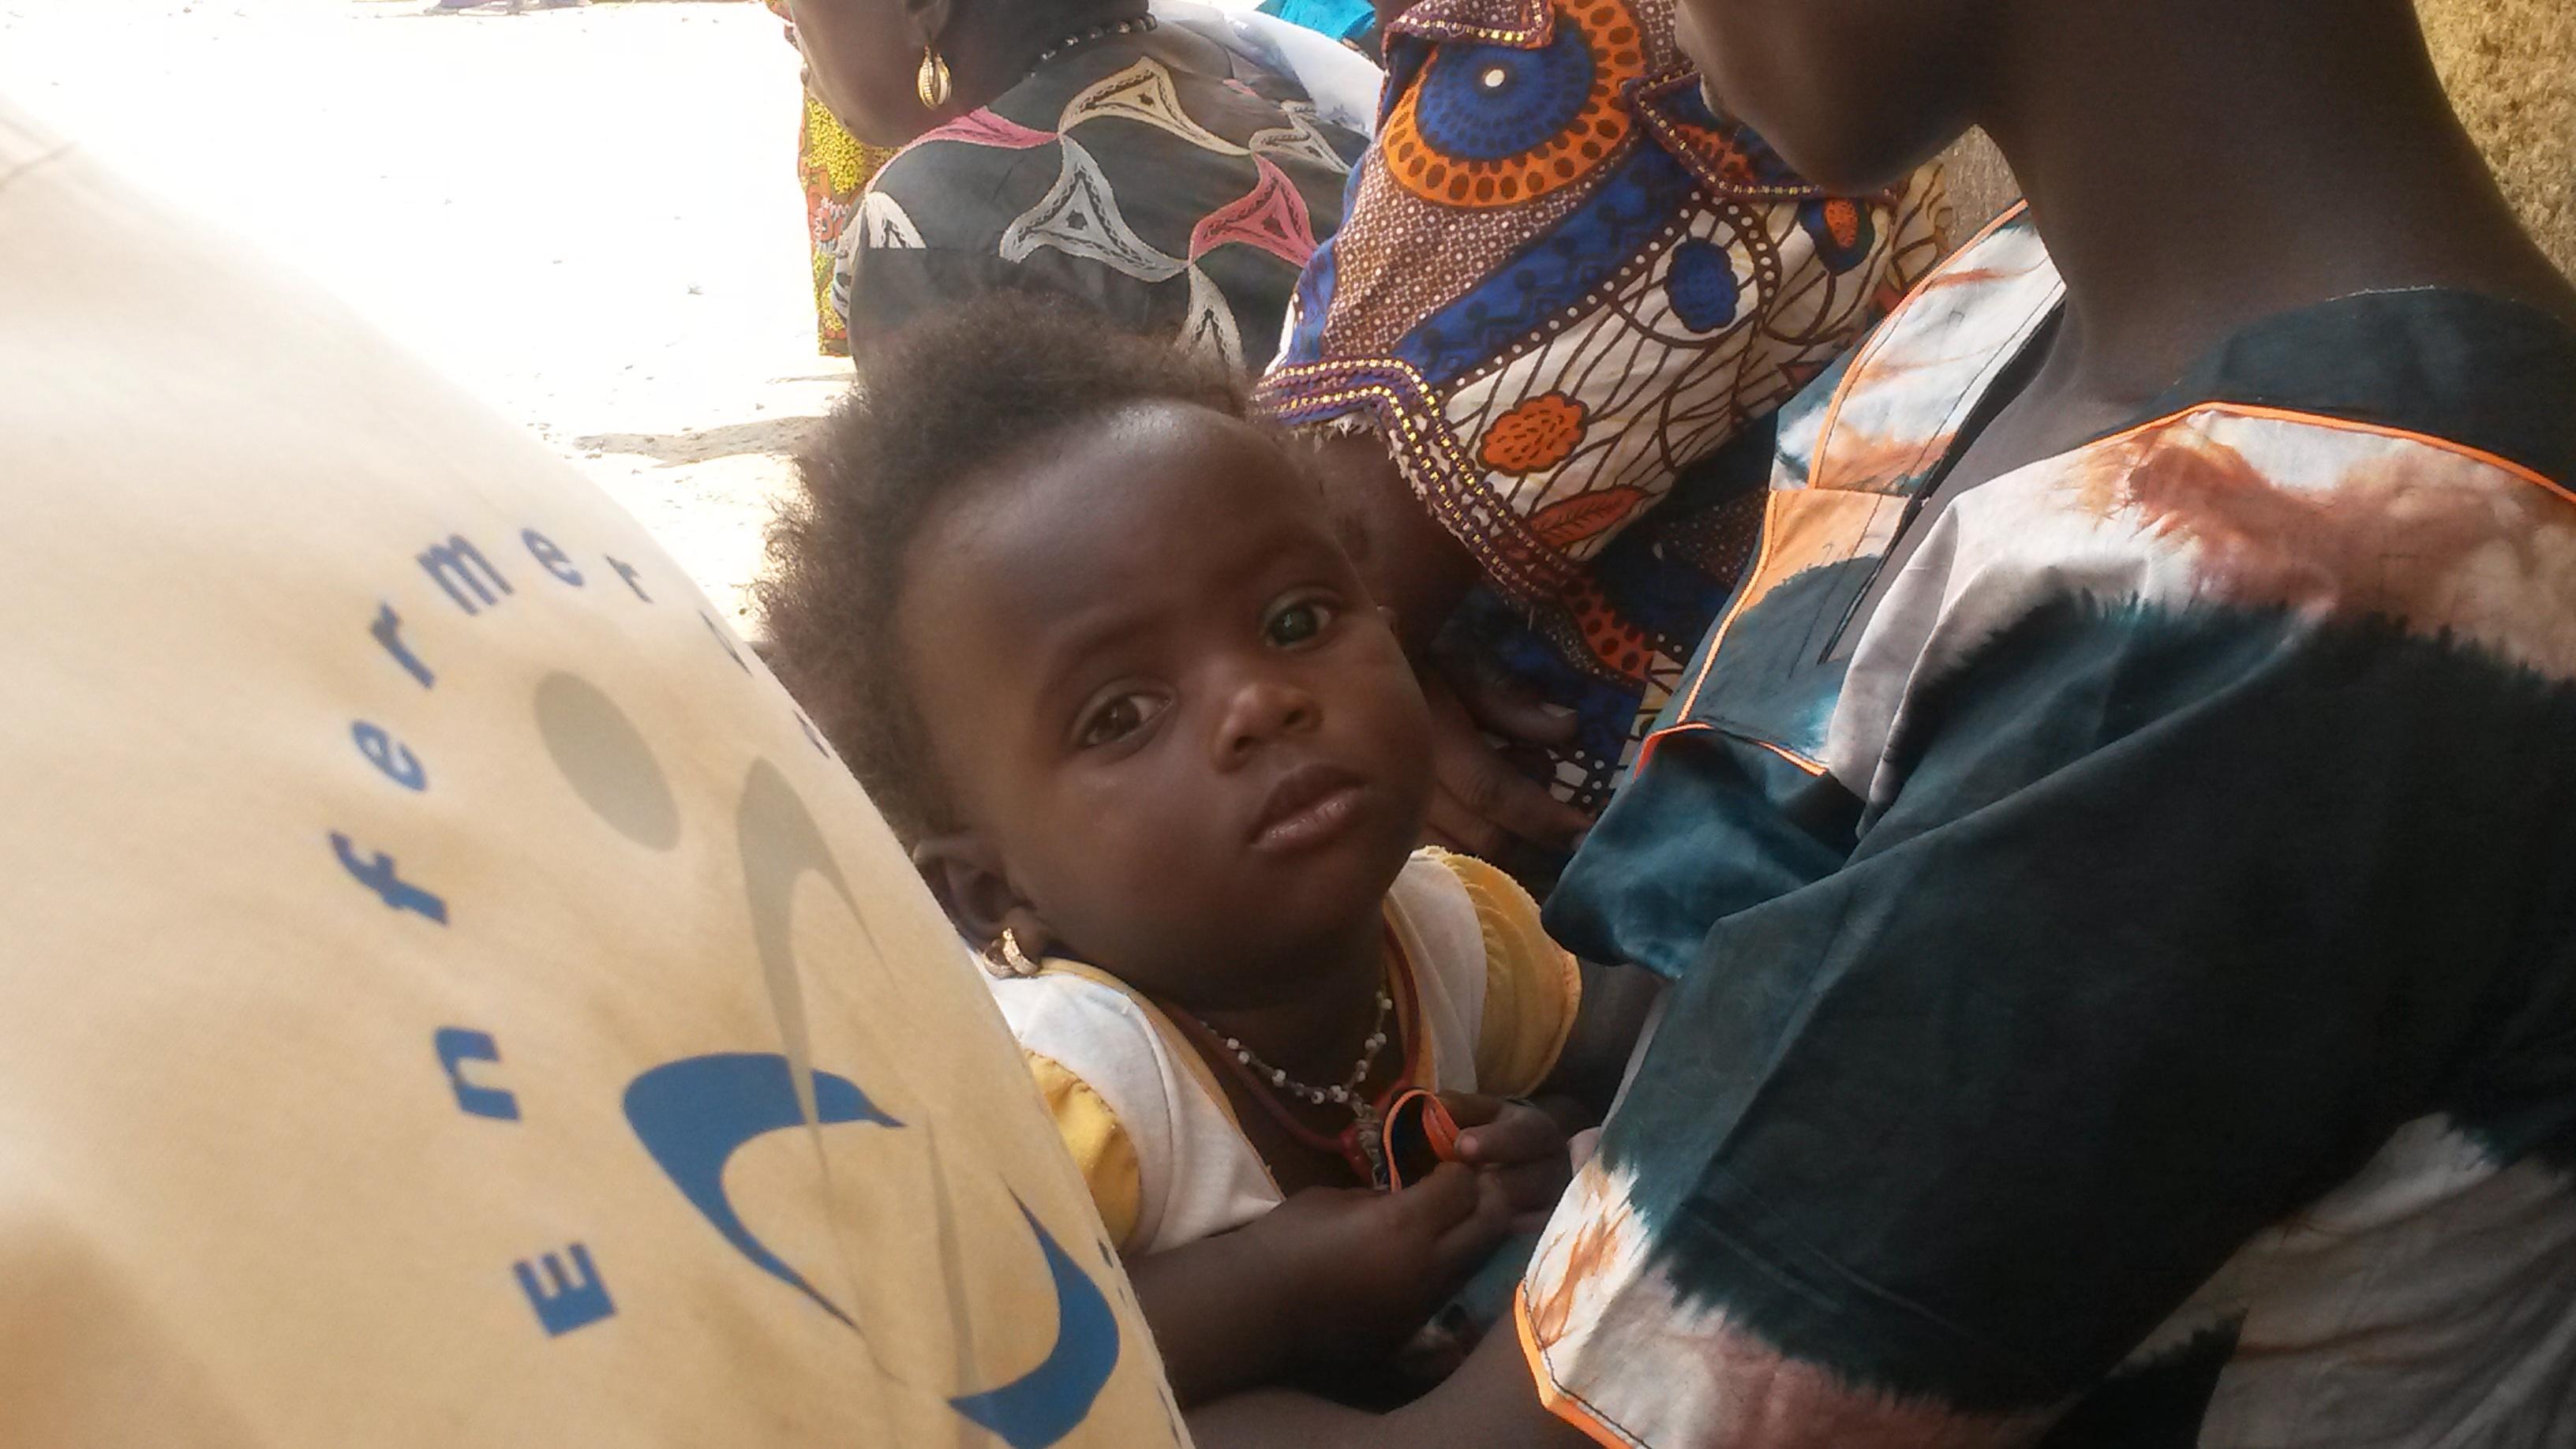 Enfermeras Para el Mundo inaugura una unidad pediátrica en Senegal